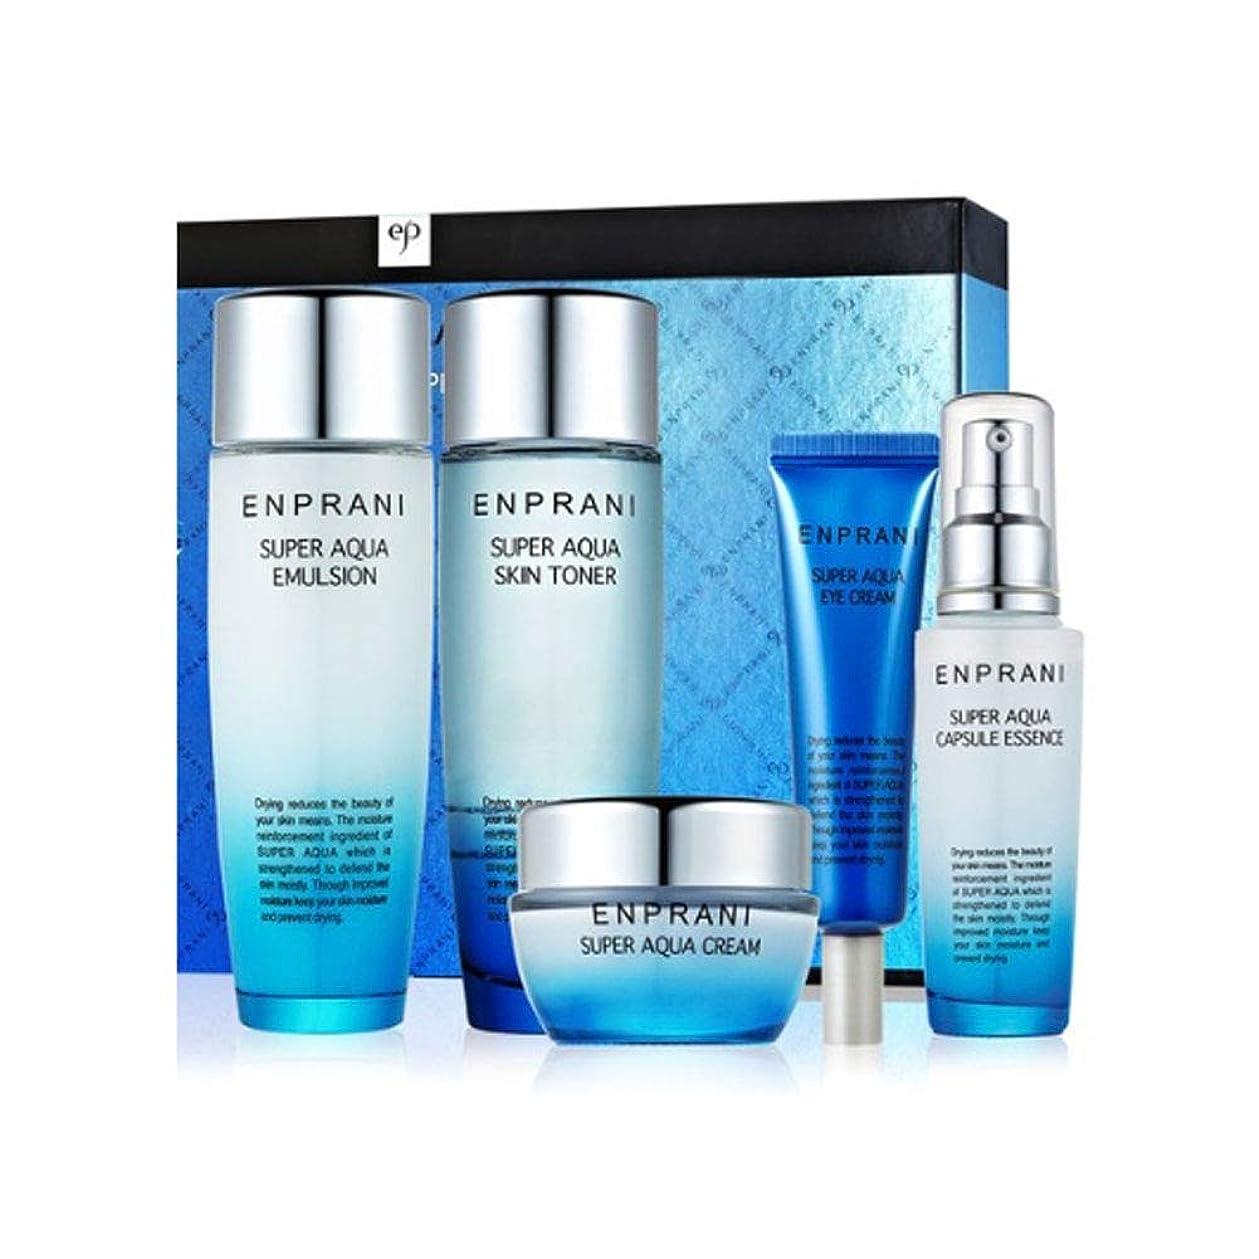 翻訳者以上滝エンプラニスーパーアクアスキンケアセット(トナー150ml、エマルジョン150ml、クリーム50ml、アイクリーム30ml、エッセンス55ml) Enprani Super Aqua Skin Care Set(Toner、Emulsion、Cream、Eye Cream、Essence) [並行輸入品]